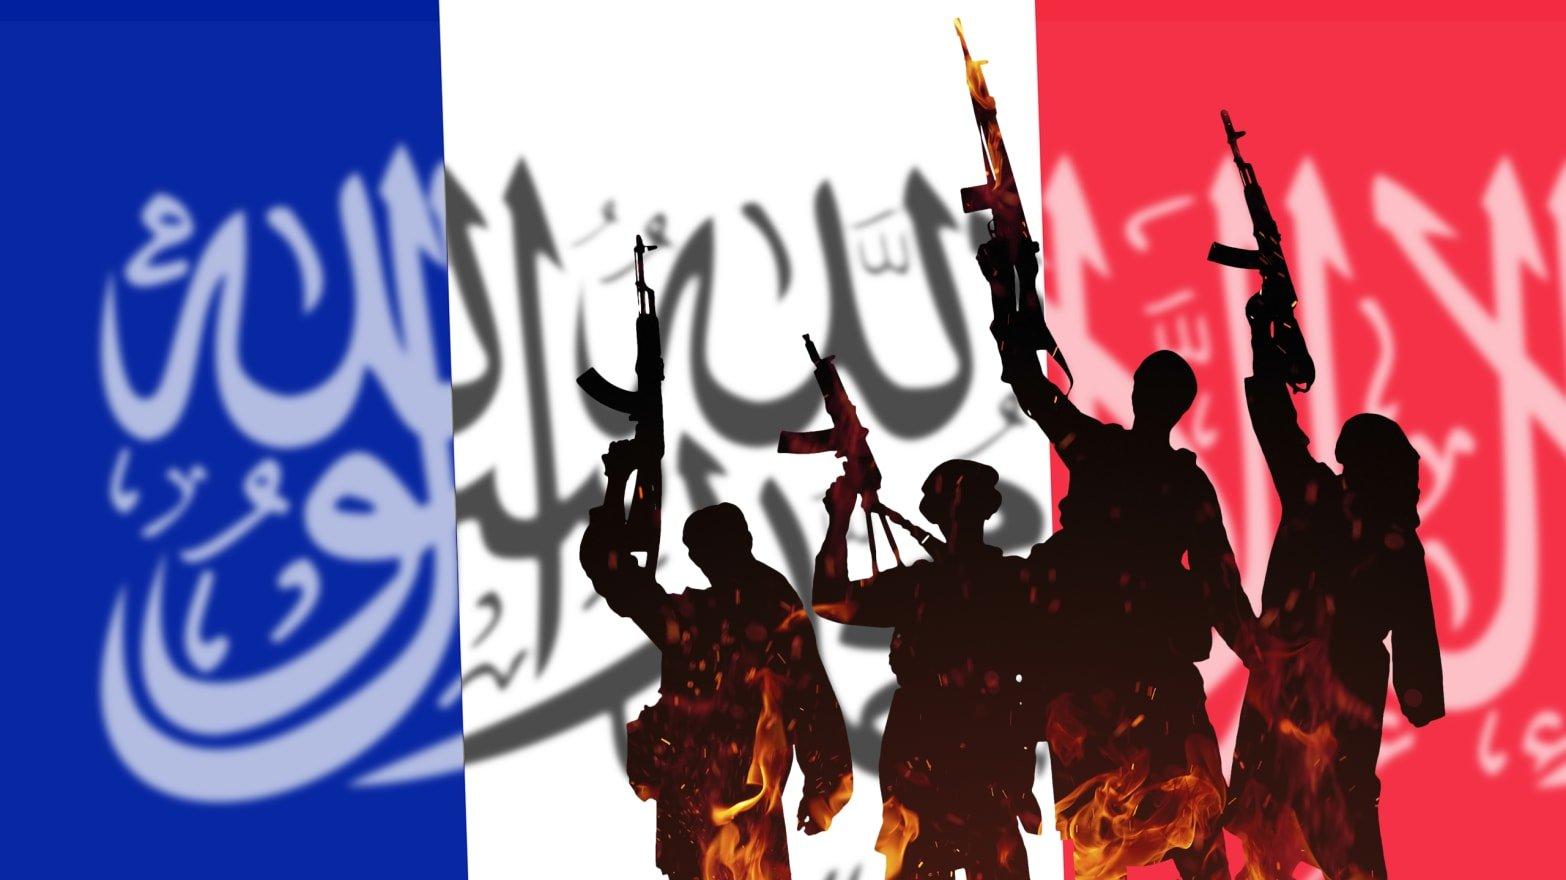 Γιατί η Γαλλία ανέχεται στο έδαφός της την παρουσία διαφορετικών κινημάτων της τζιχάντ